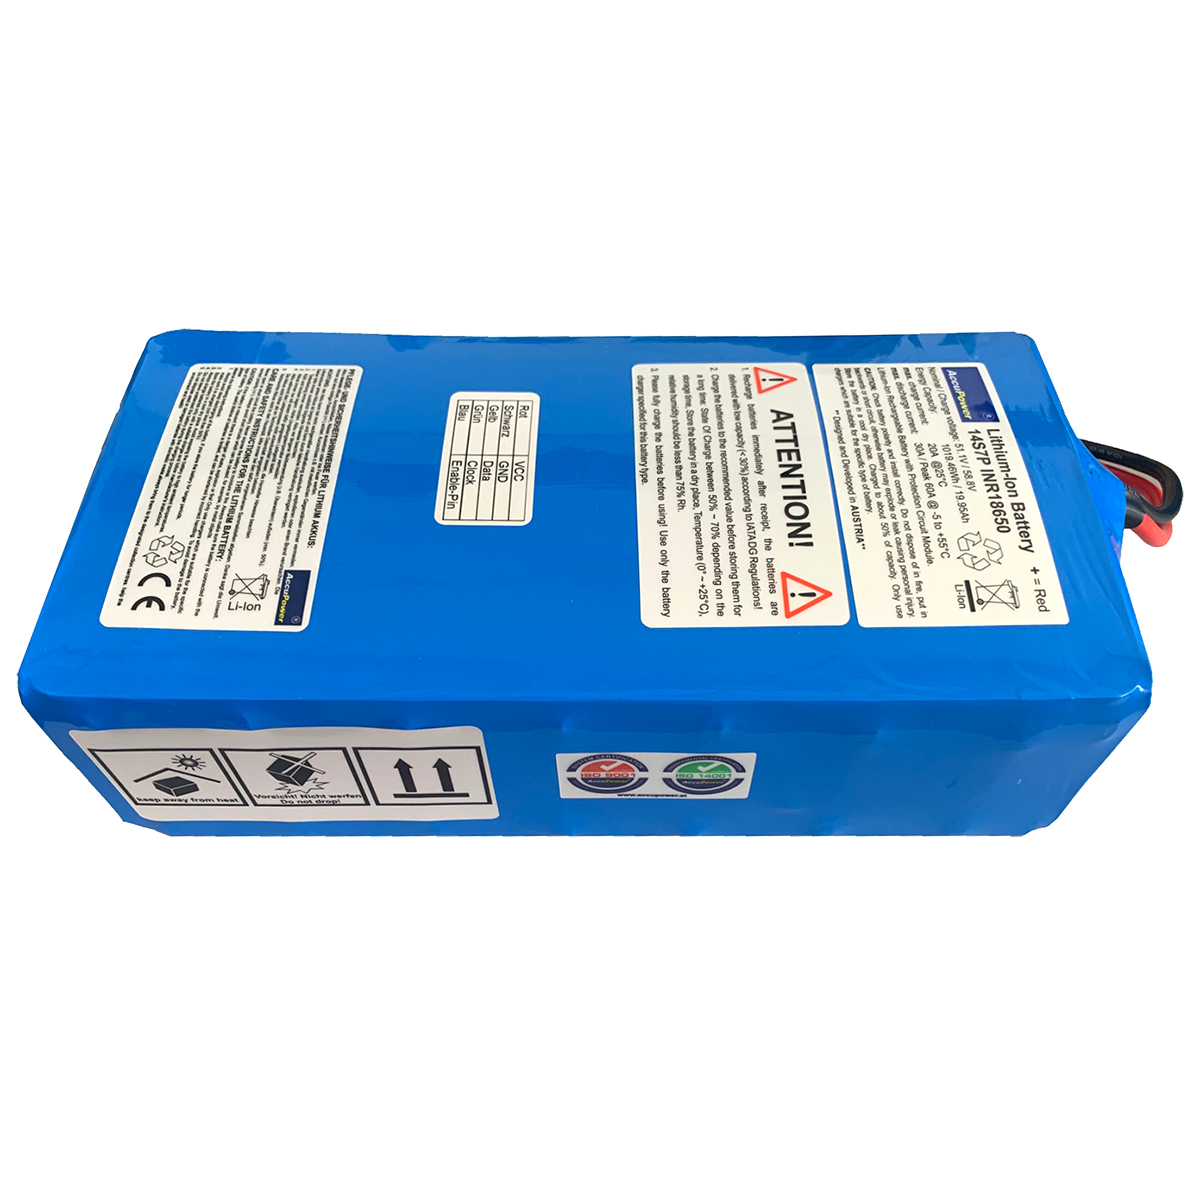 AccuPower Lithium Akku 14S7P 51,1V 20Ah 1019.46Wh